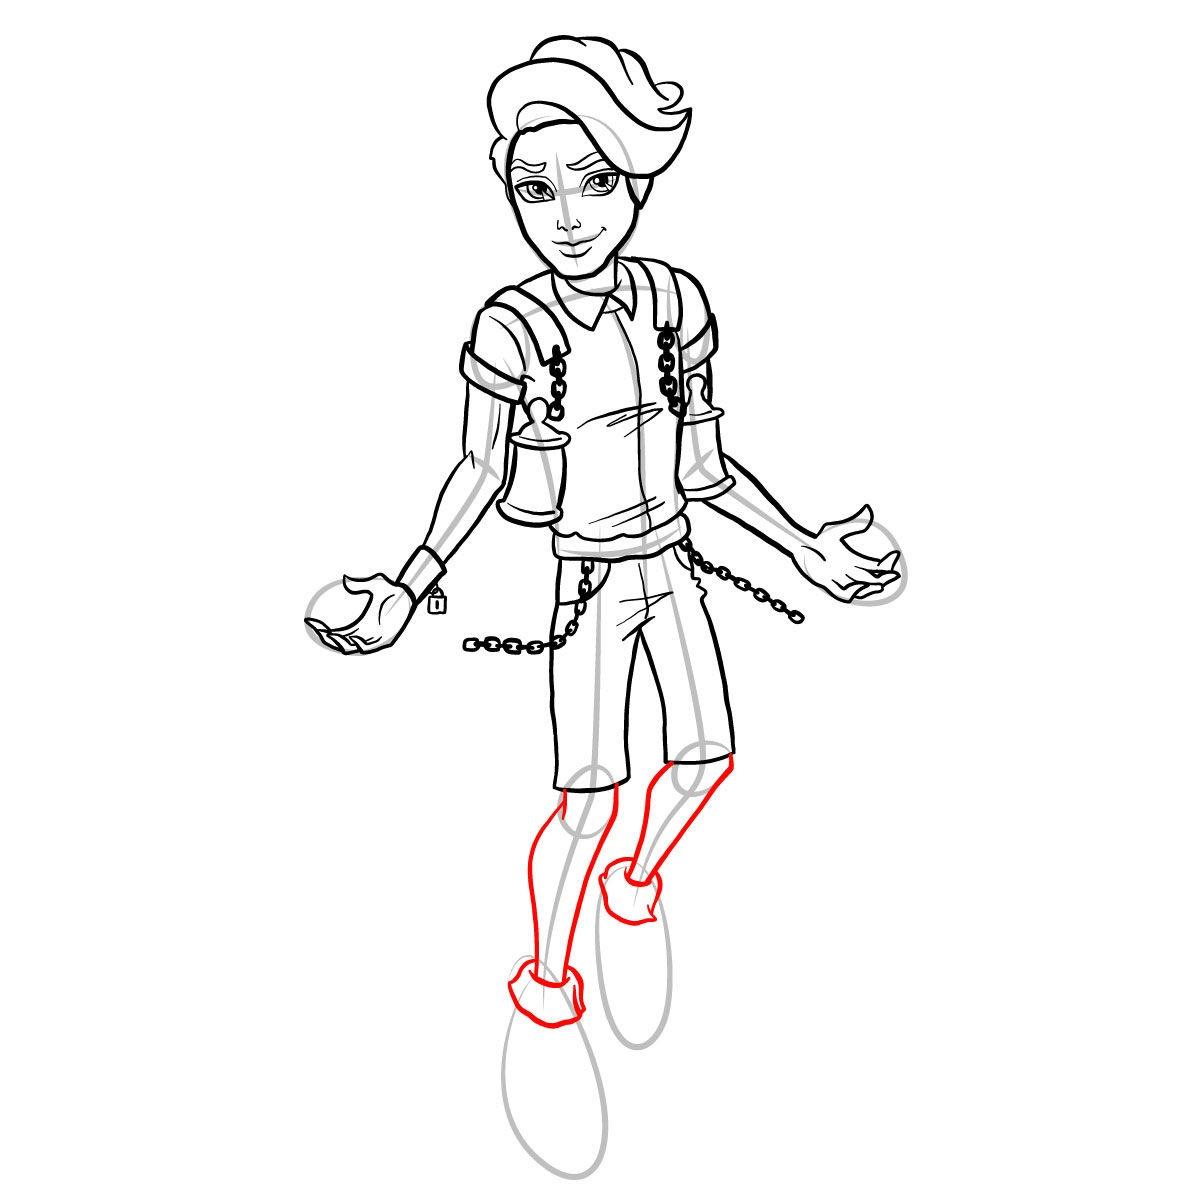 Как нарисовать Портера Гейсса 15